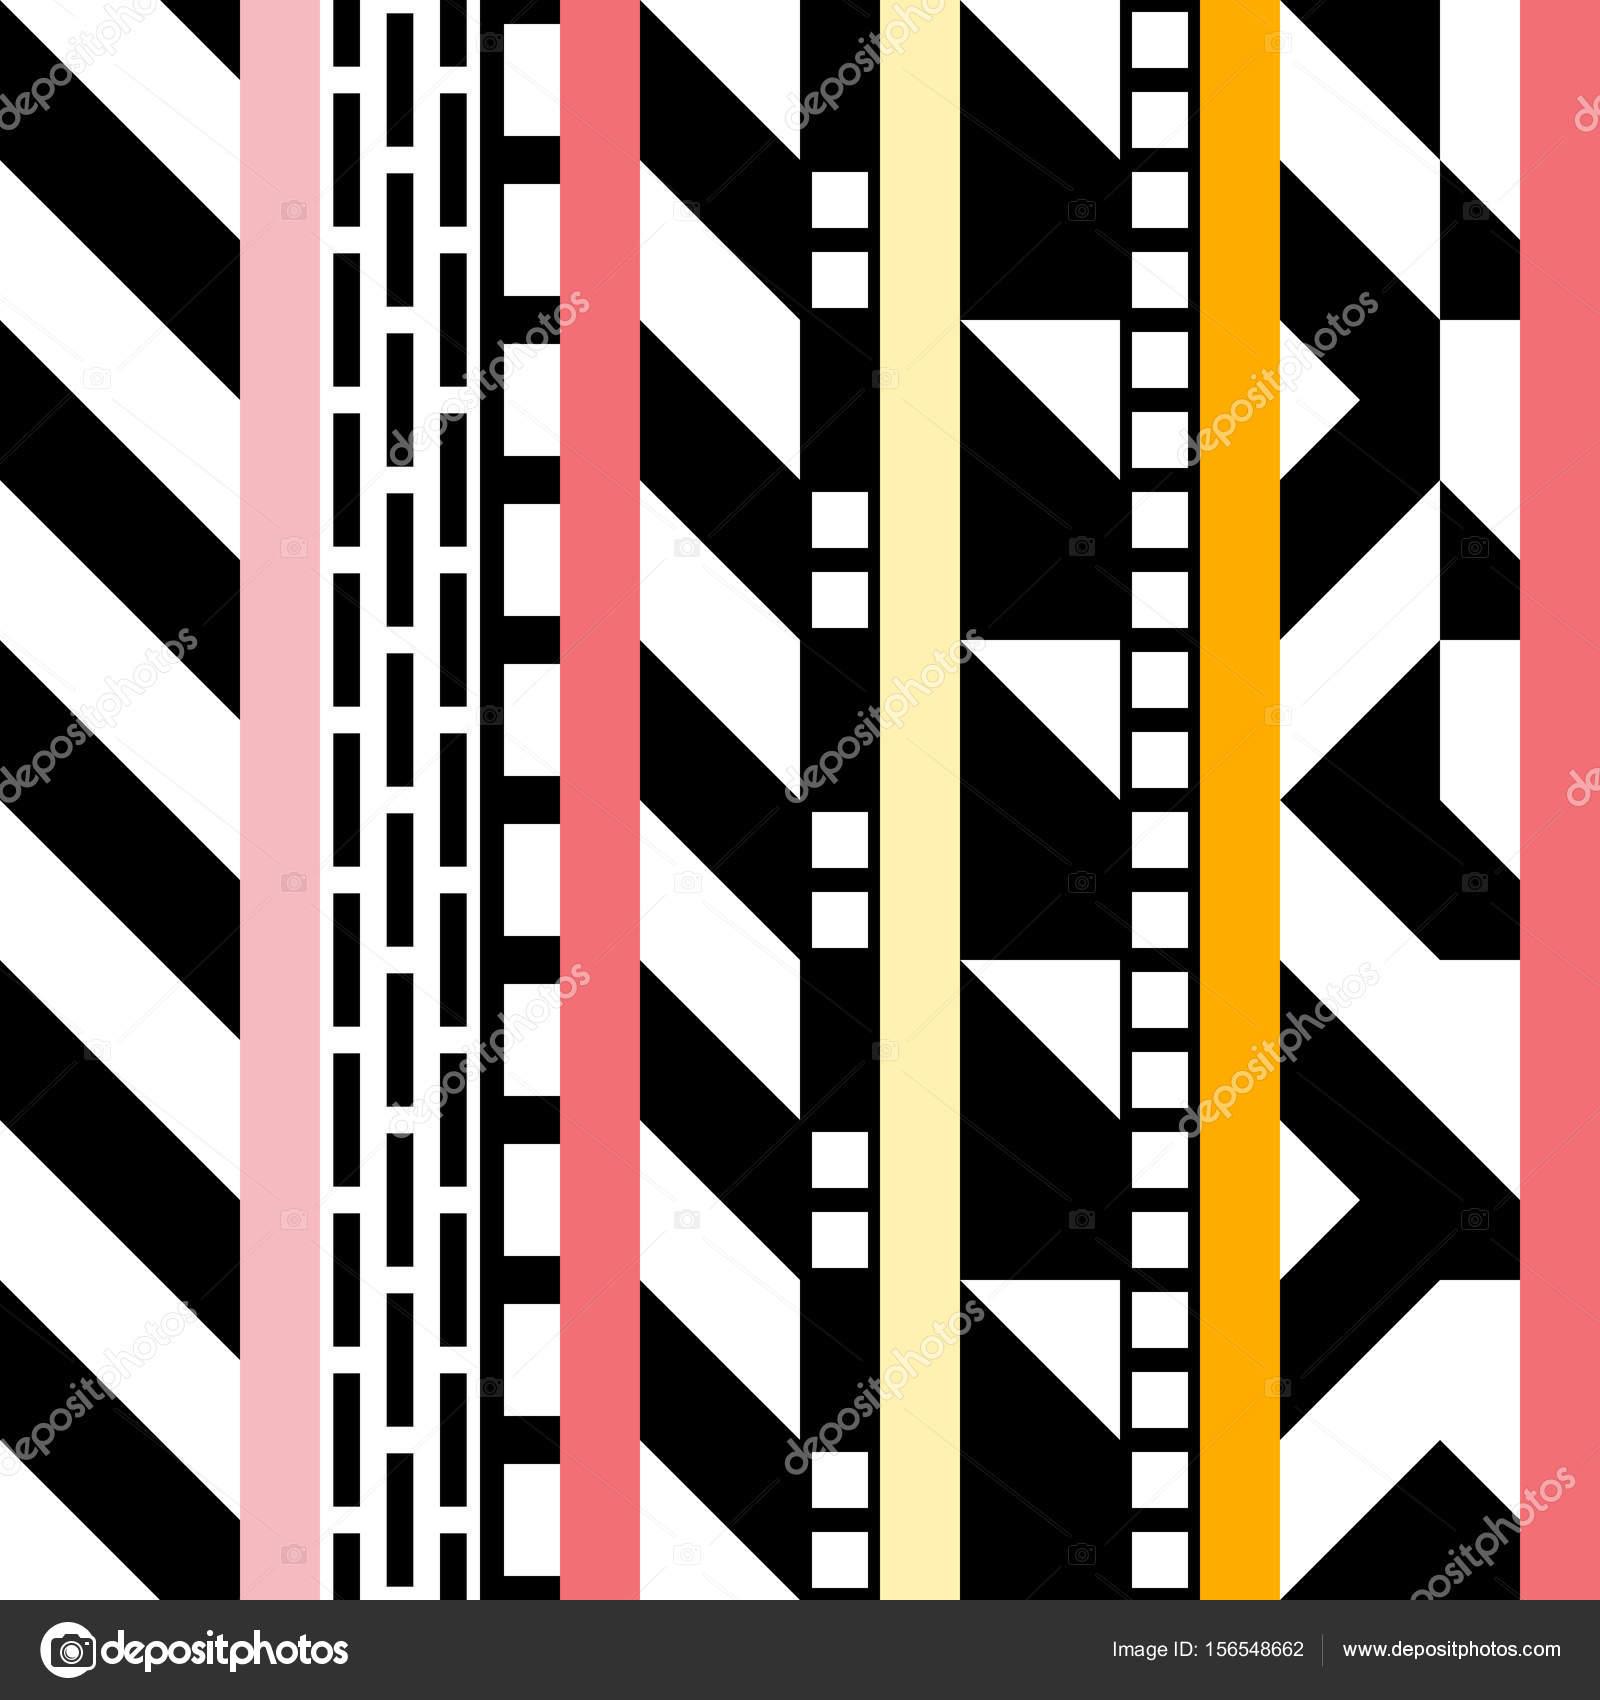 56b843f87c8d4 Retro kolor jednolity wzór. Fantazyjne Abstrakcja geometryczna sztuki  wydruku. Etniczne hipster ozdobne linie tło